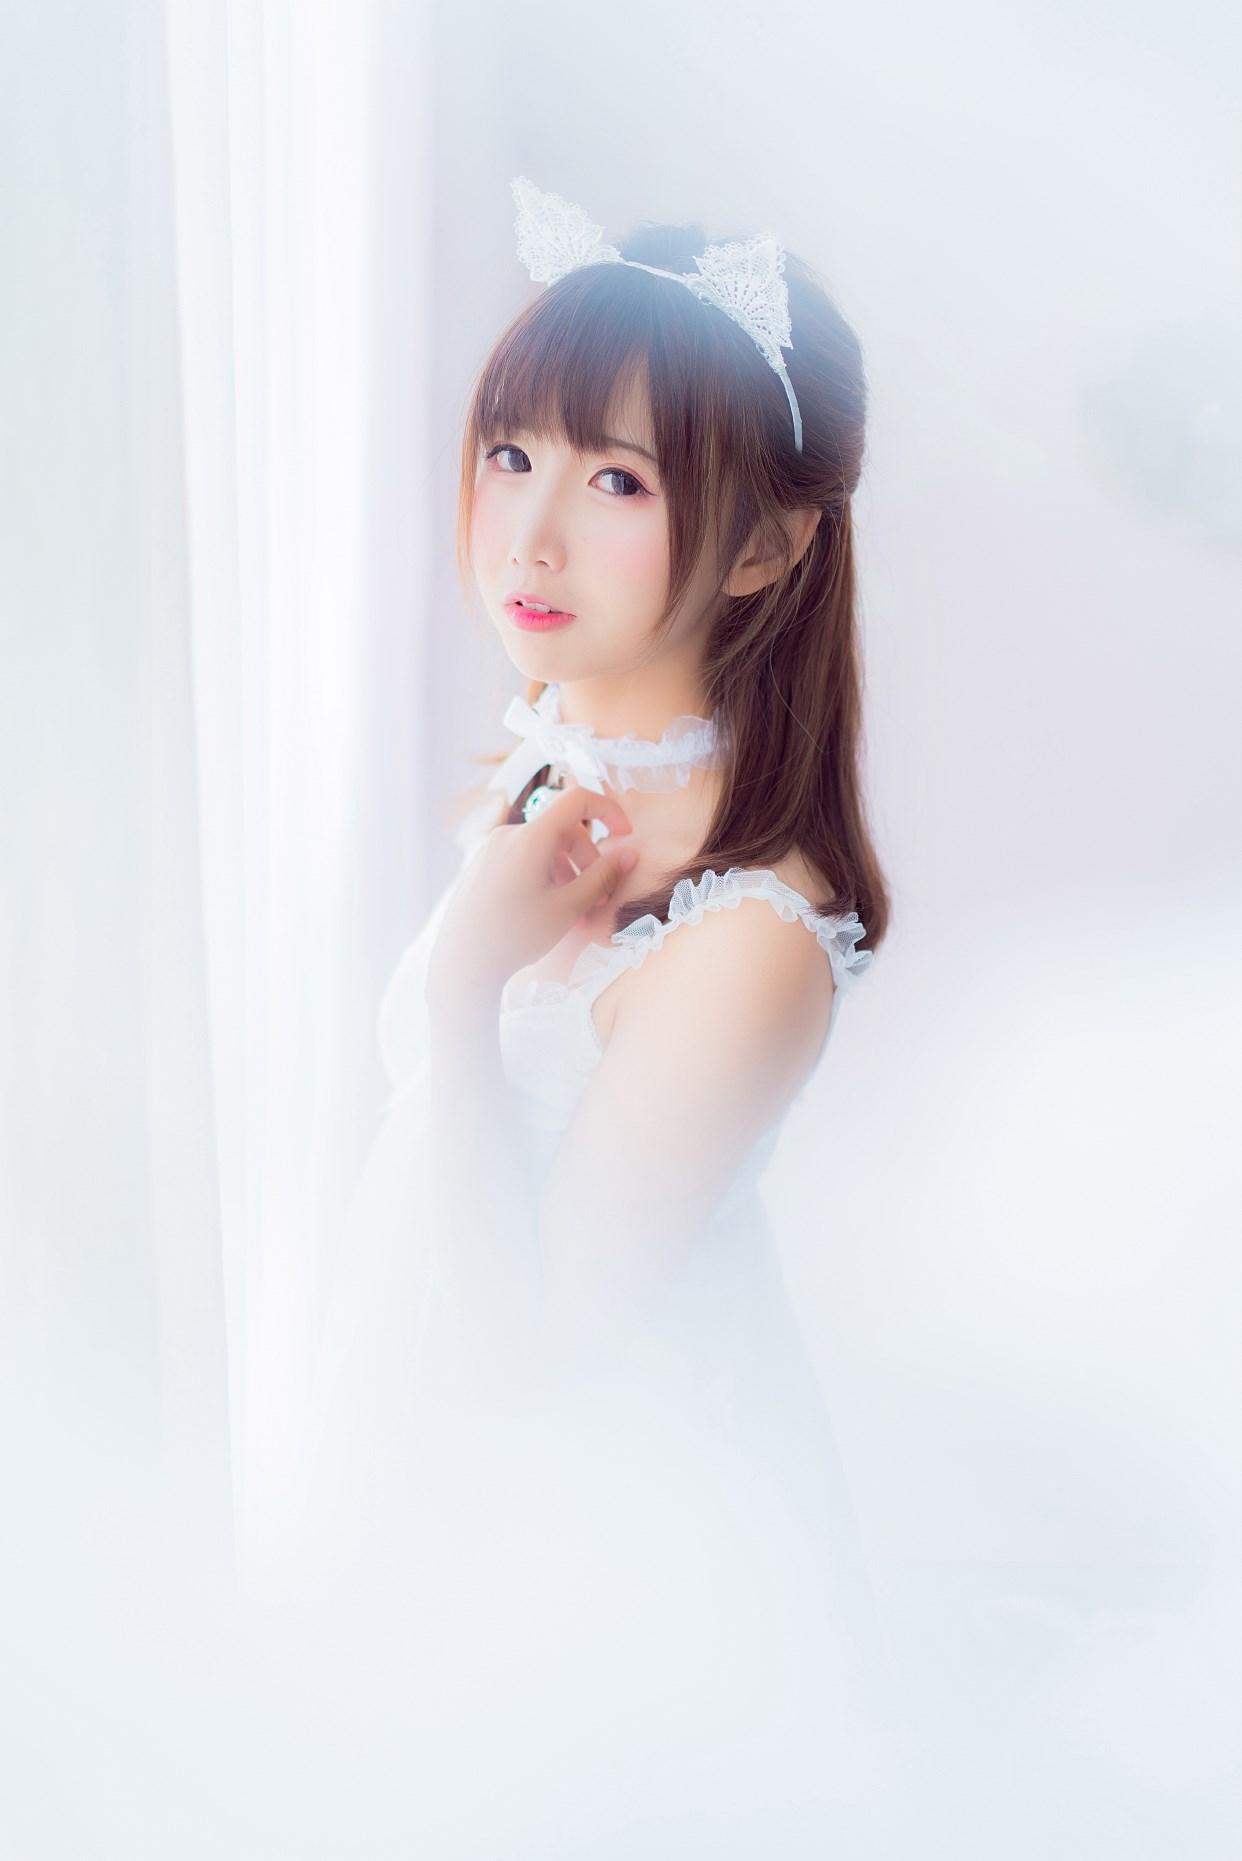 【兔玩映画】vol.12-吊带睡衣 兔玩映画 第46张